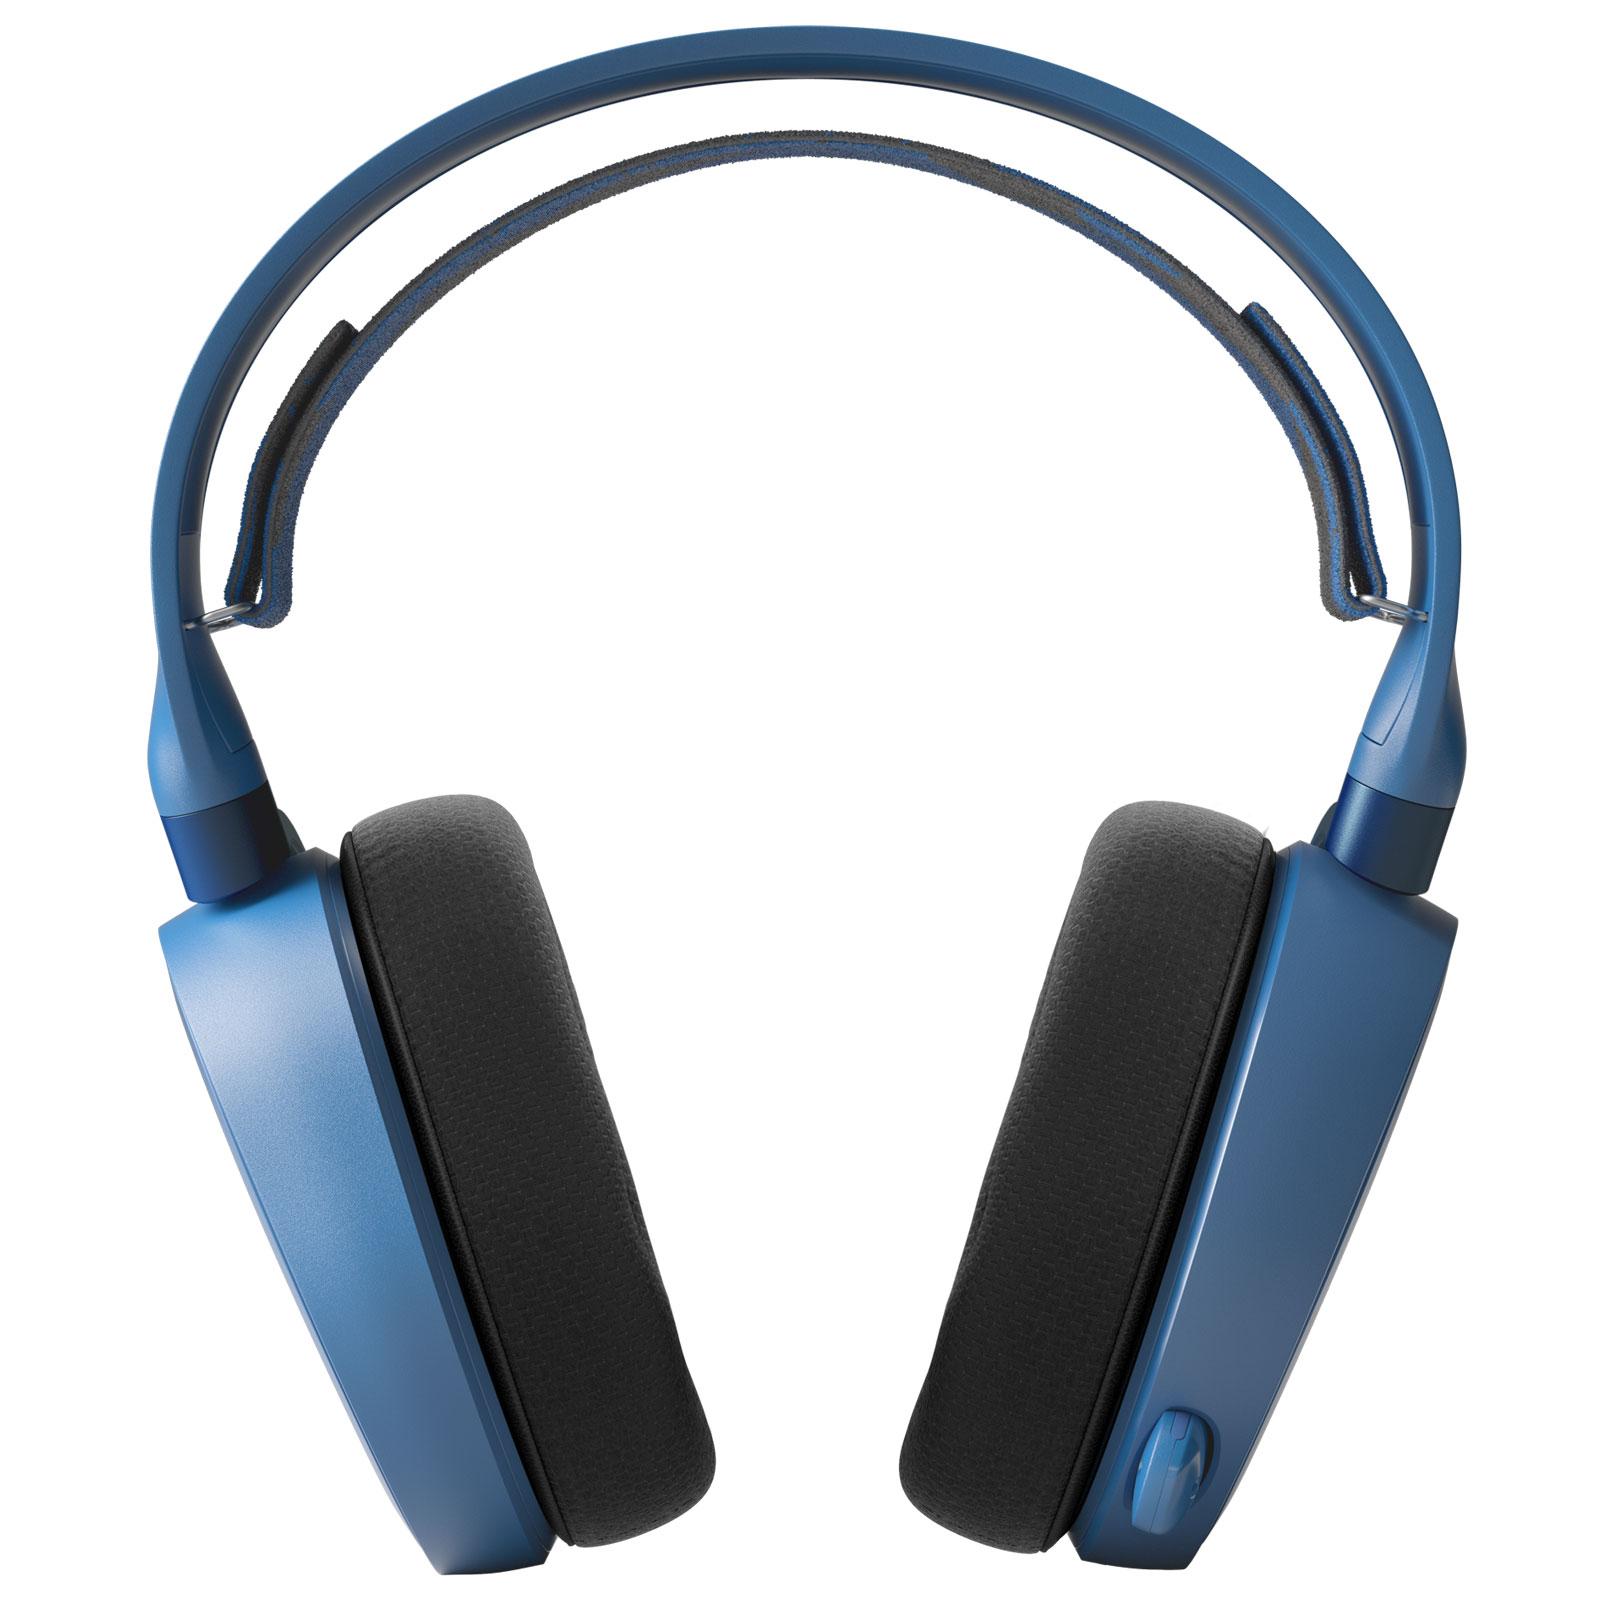 Steelseries Arctis 3 Bleu Stereo Bleu - Micro-casque - Cybertek.fr - 3